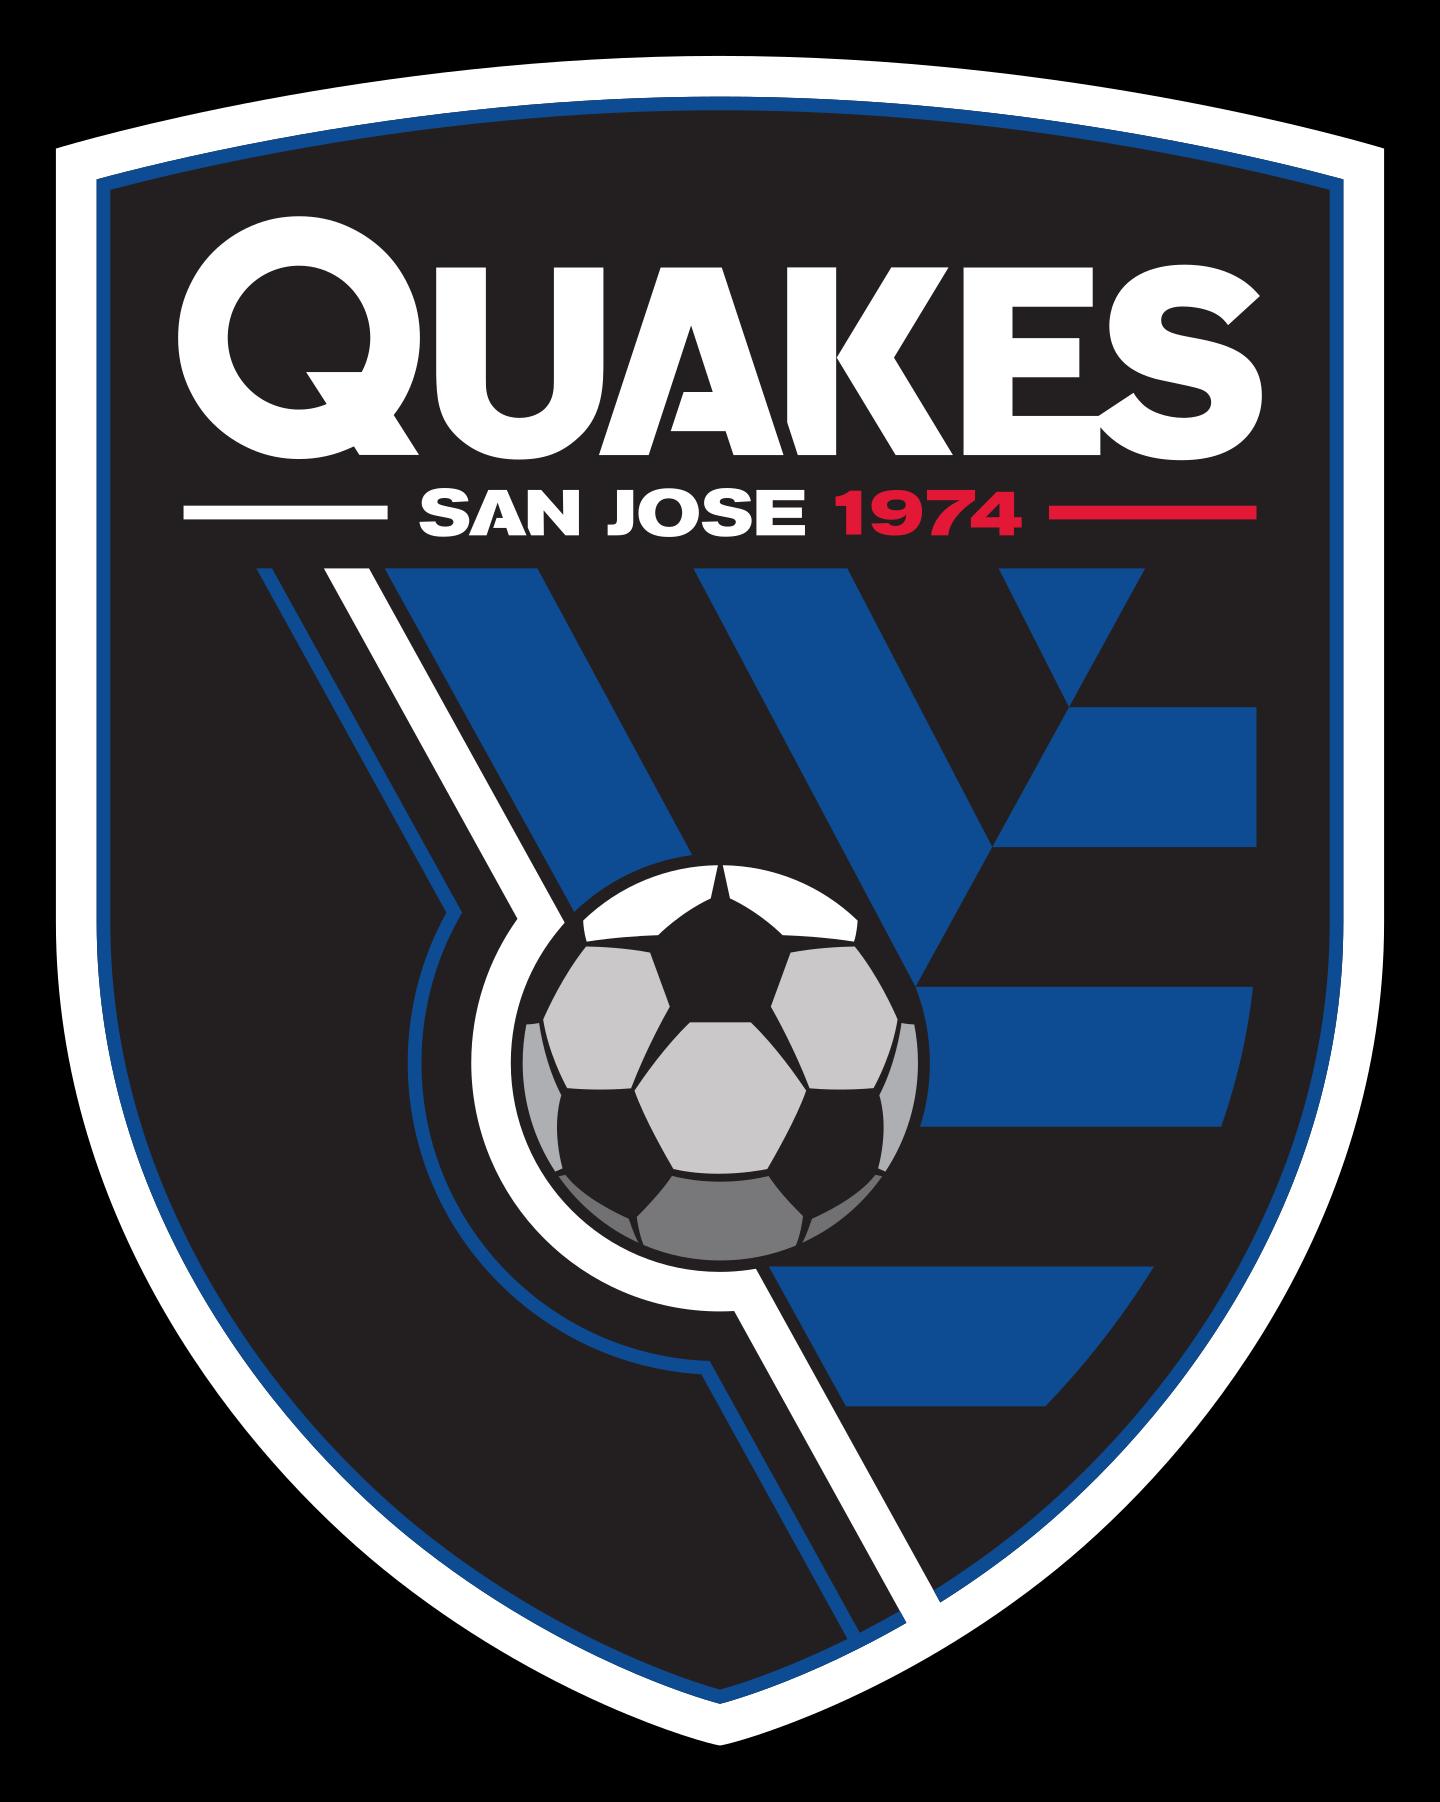 san jose earthquakes logo 2 - San Jose Earthquakes Logo